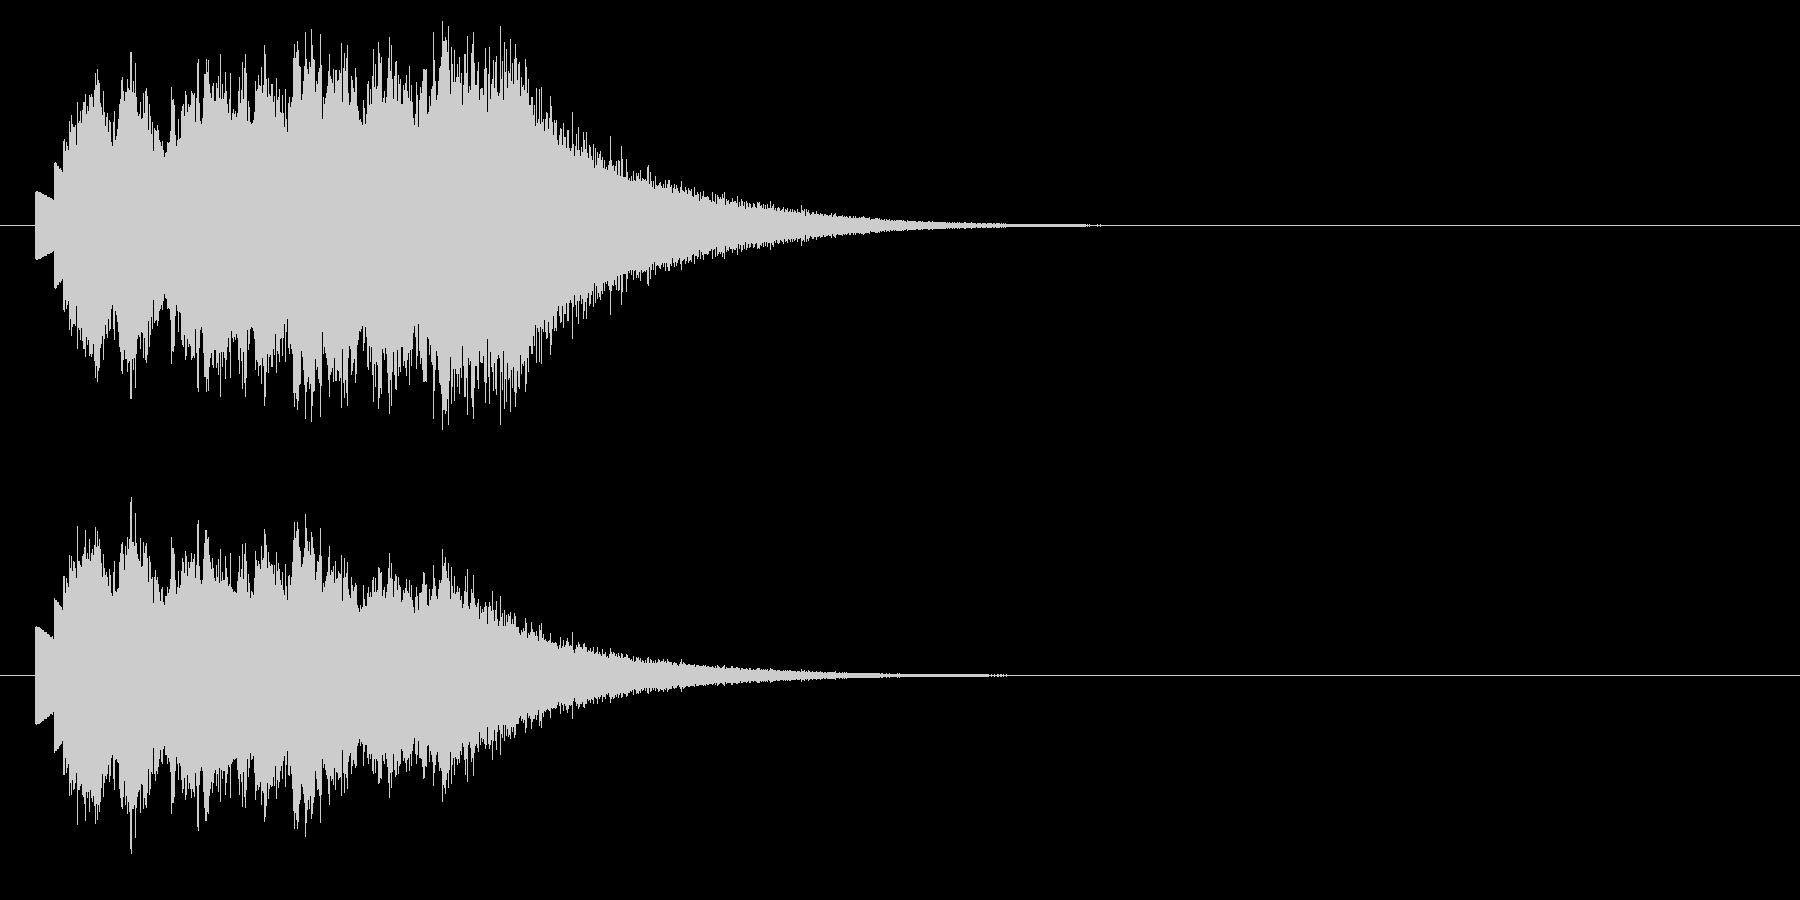 マジカルグリス;ベルグリスの降順。の未再生の波形